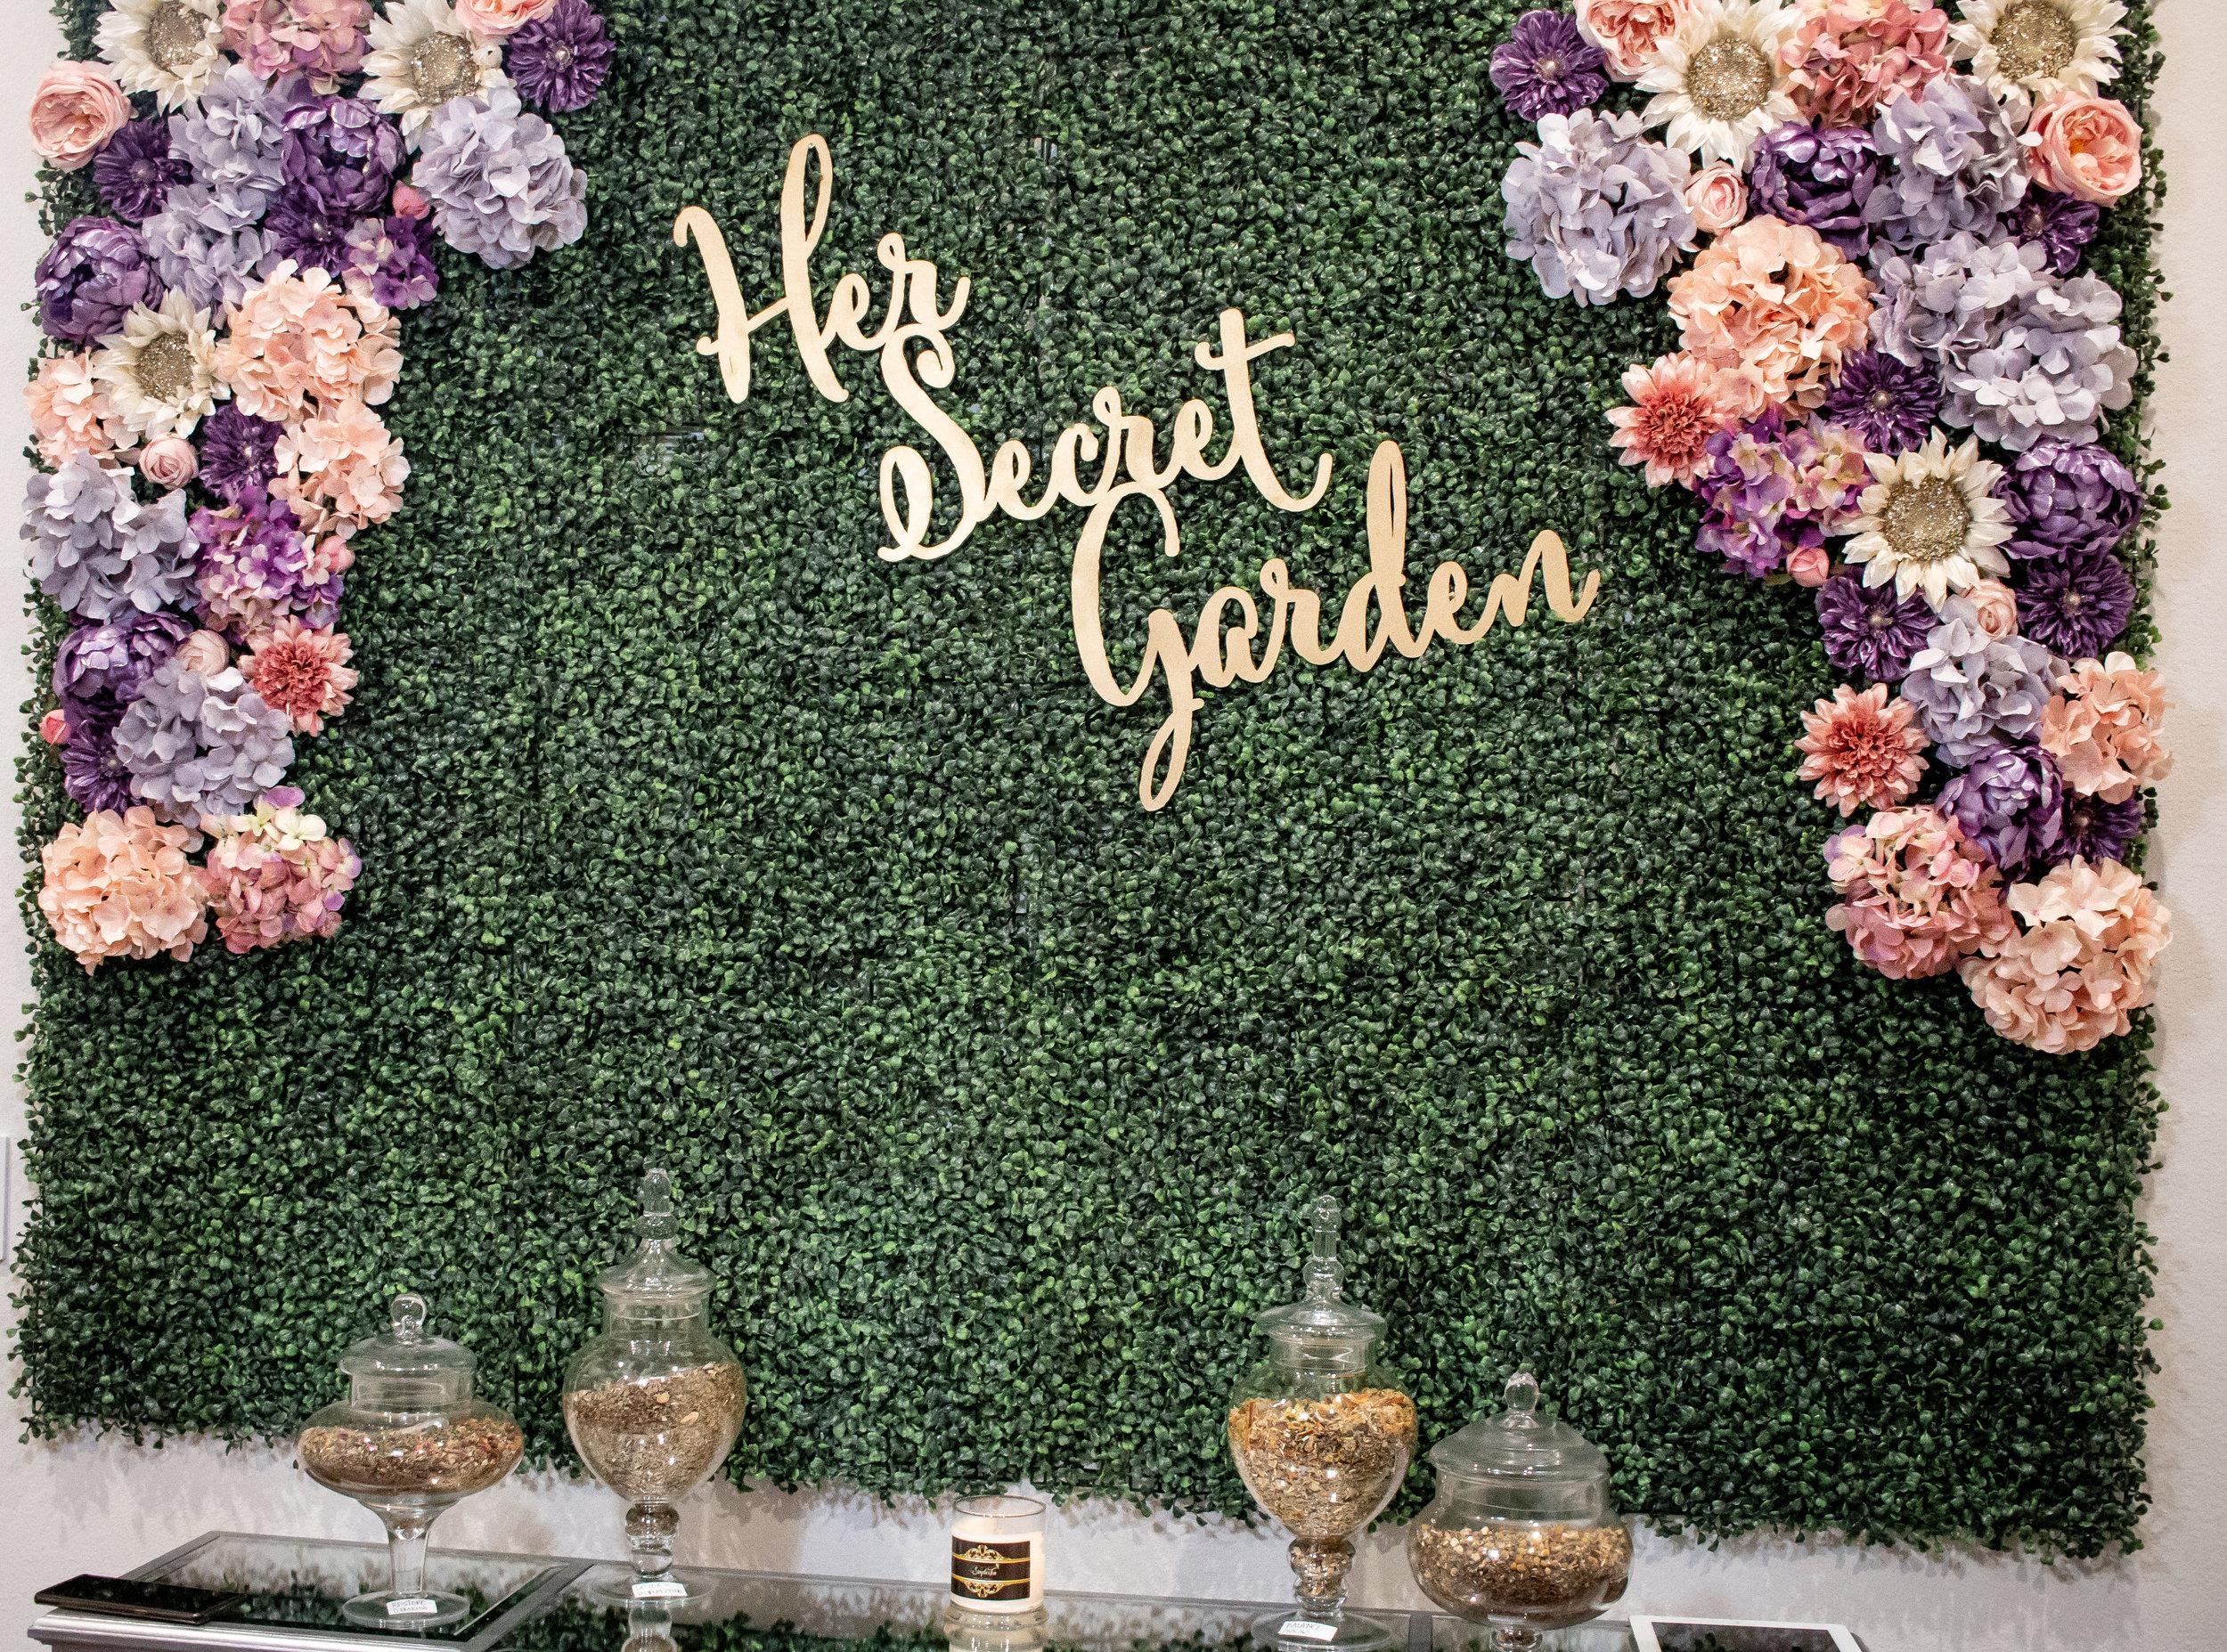 her-secret-garden-v-steaming-experience-spa-frisco-texas